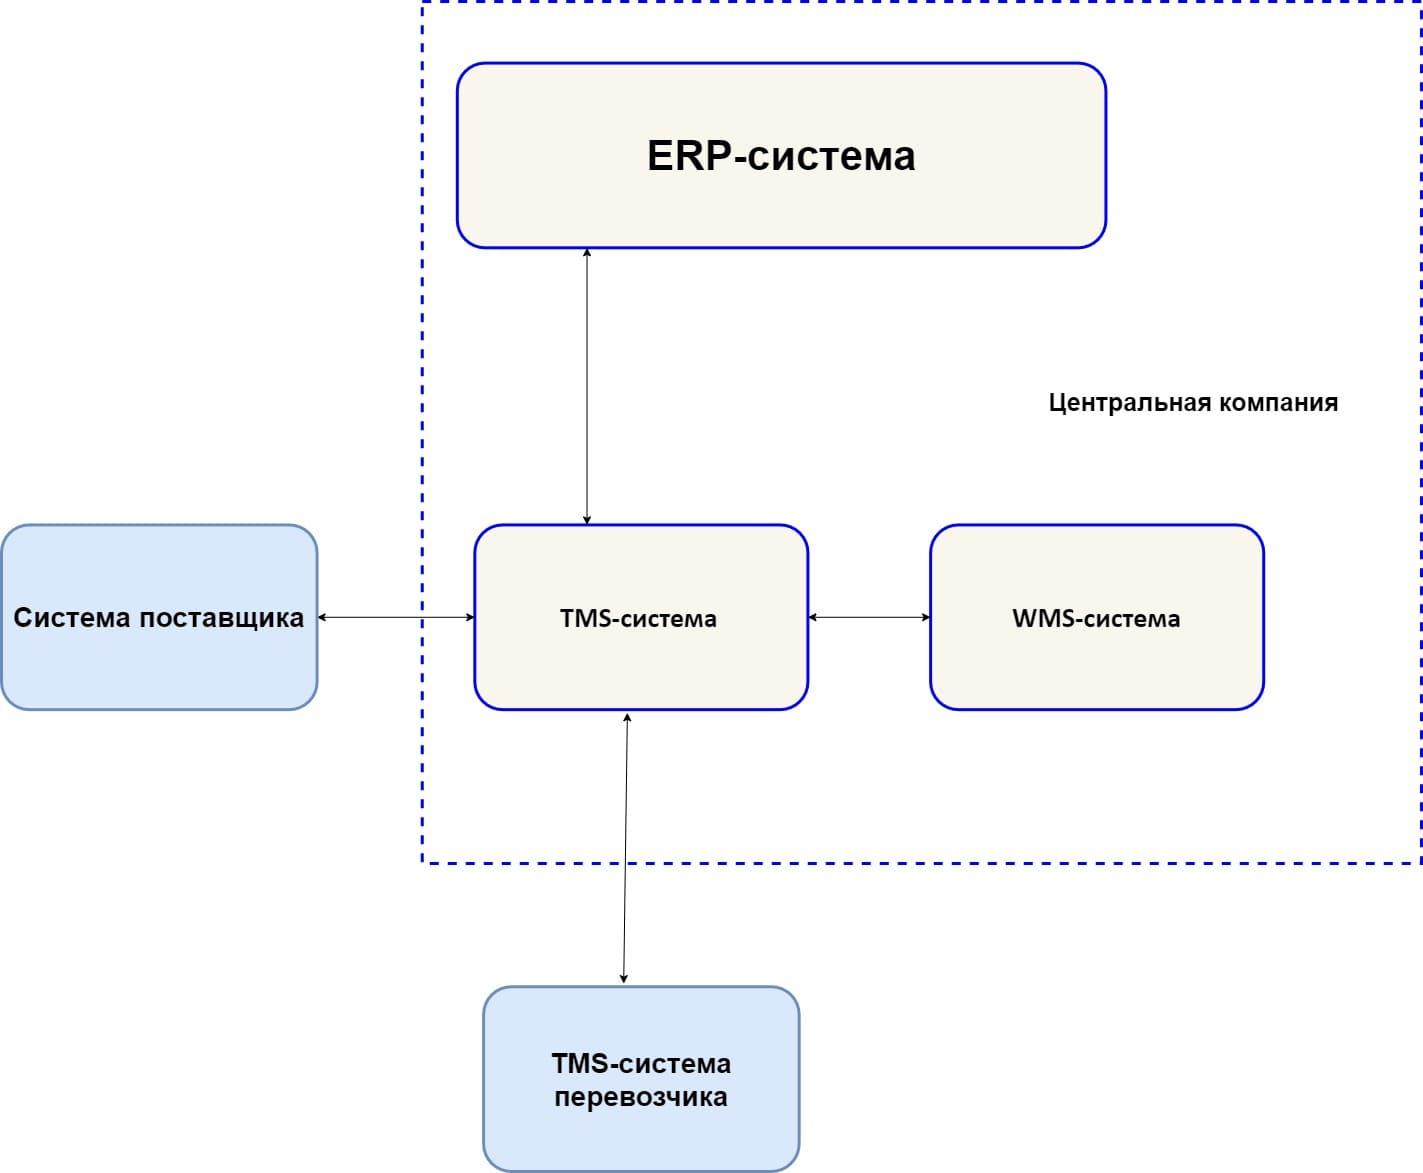 Схема конфигурации ИТ-системы